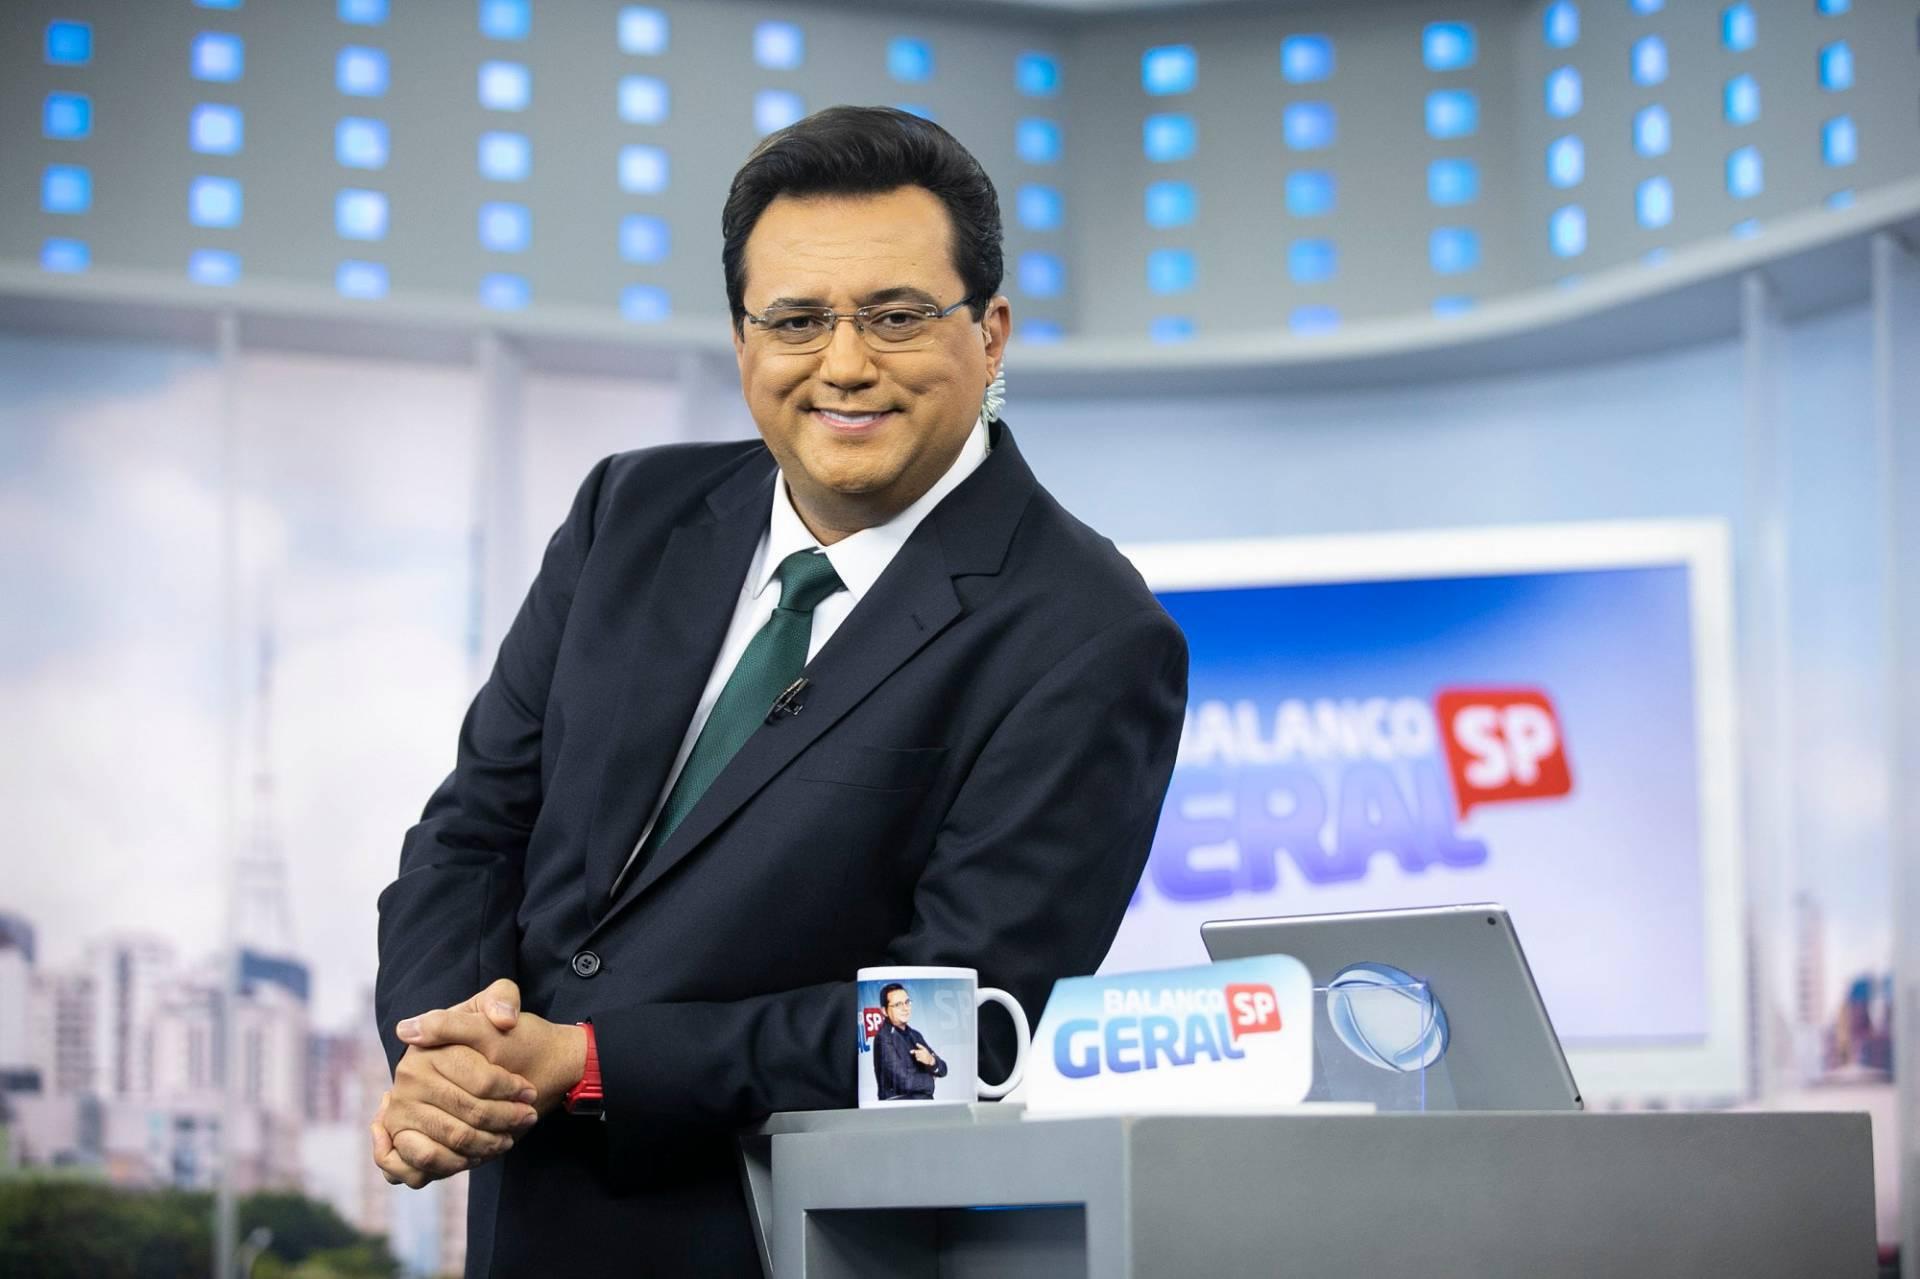 Geraldo Luís (Foto: Divulgação/RecordTV)